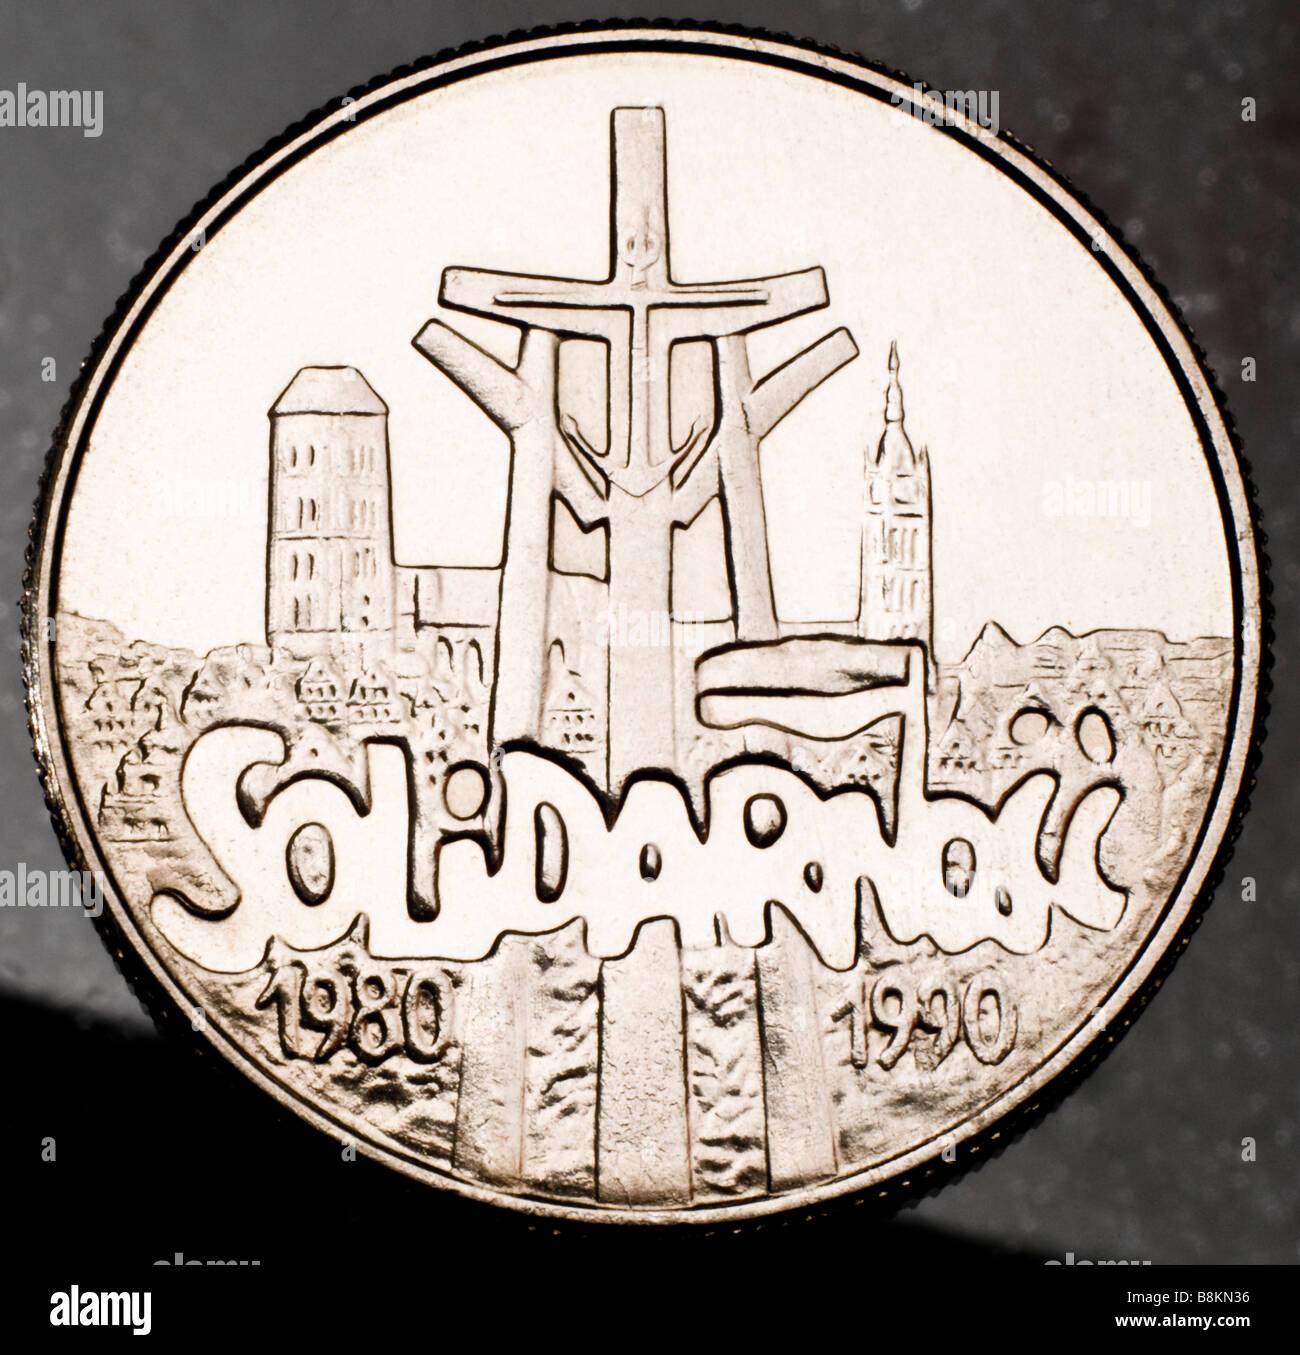 Il polacco 10.000 monete zl 1990 per commemorare i 10 anni di solidarietà Immagini Stock